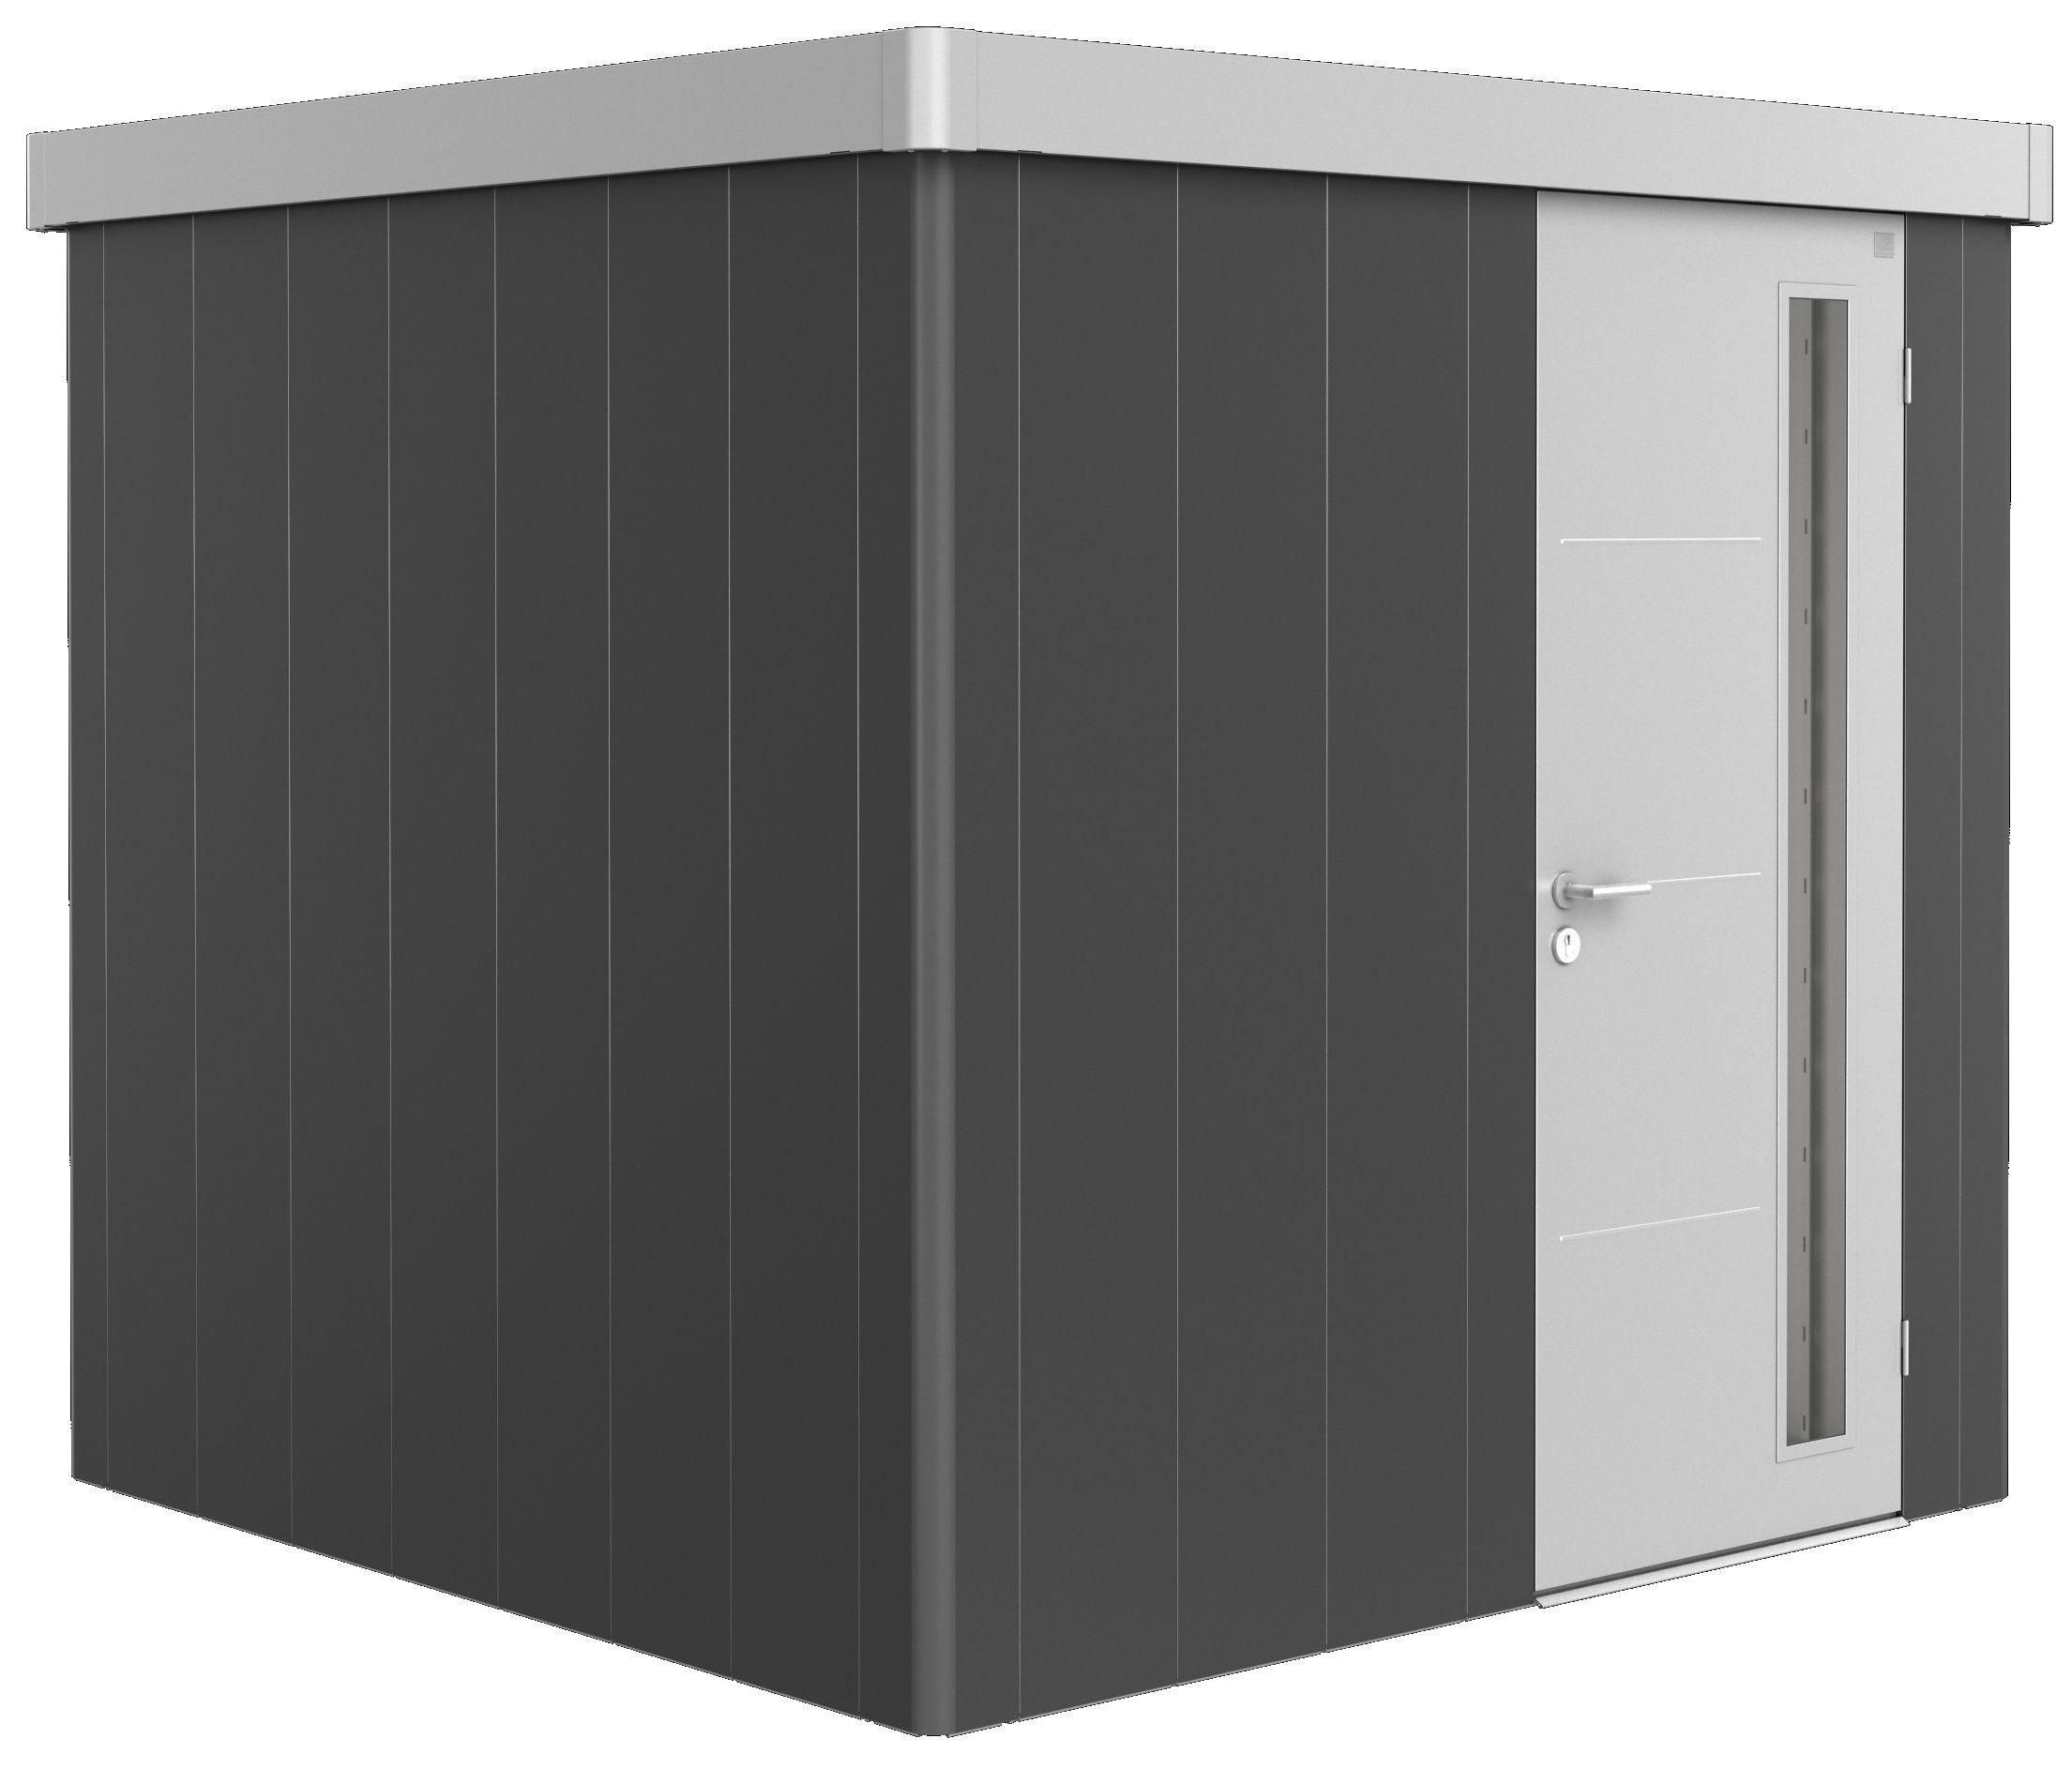 Biohort Zahradní domek NEO 2B, varianta 3.1 tmavě šedá metalíza